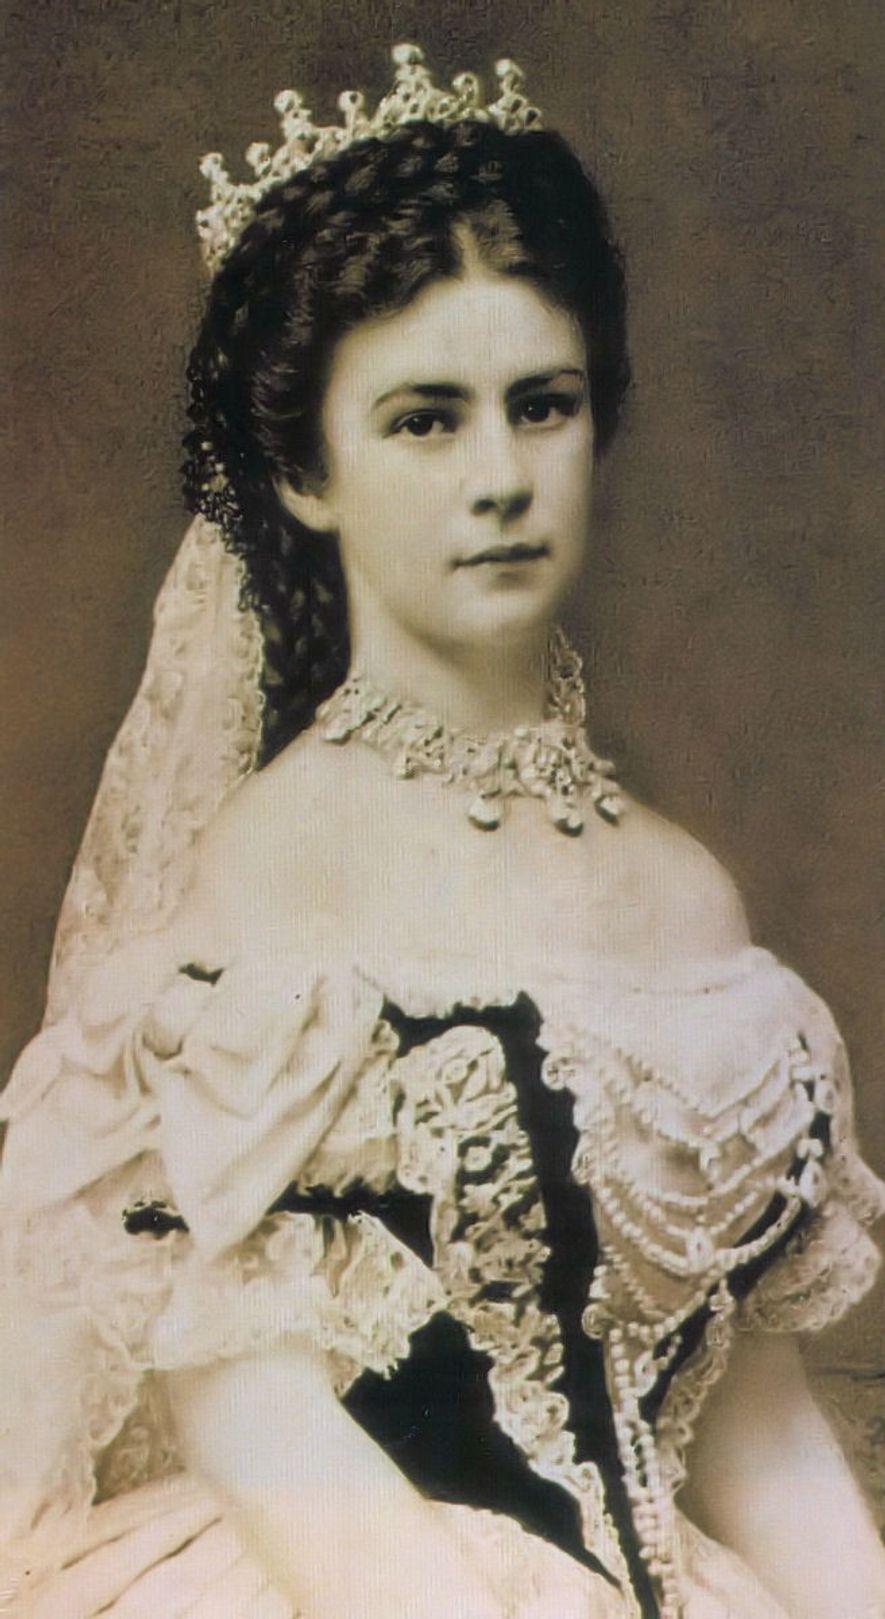 Photographie d'Élisabeth, Impératrice d'Autriche, le jour de son couronnement comme Reine de Hongrie, le 8 juin ...